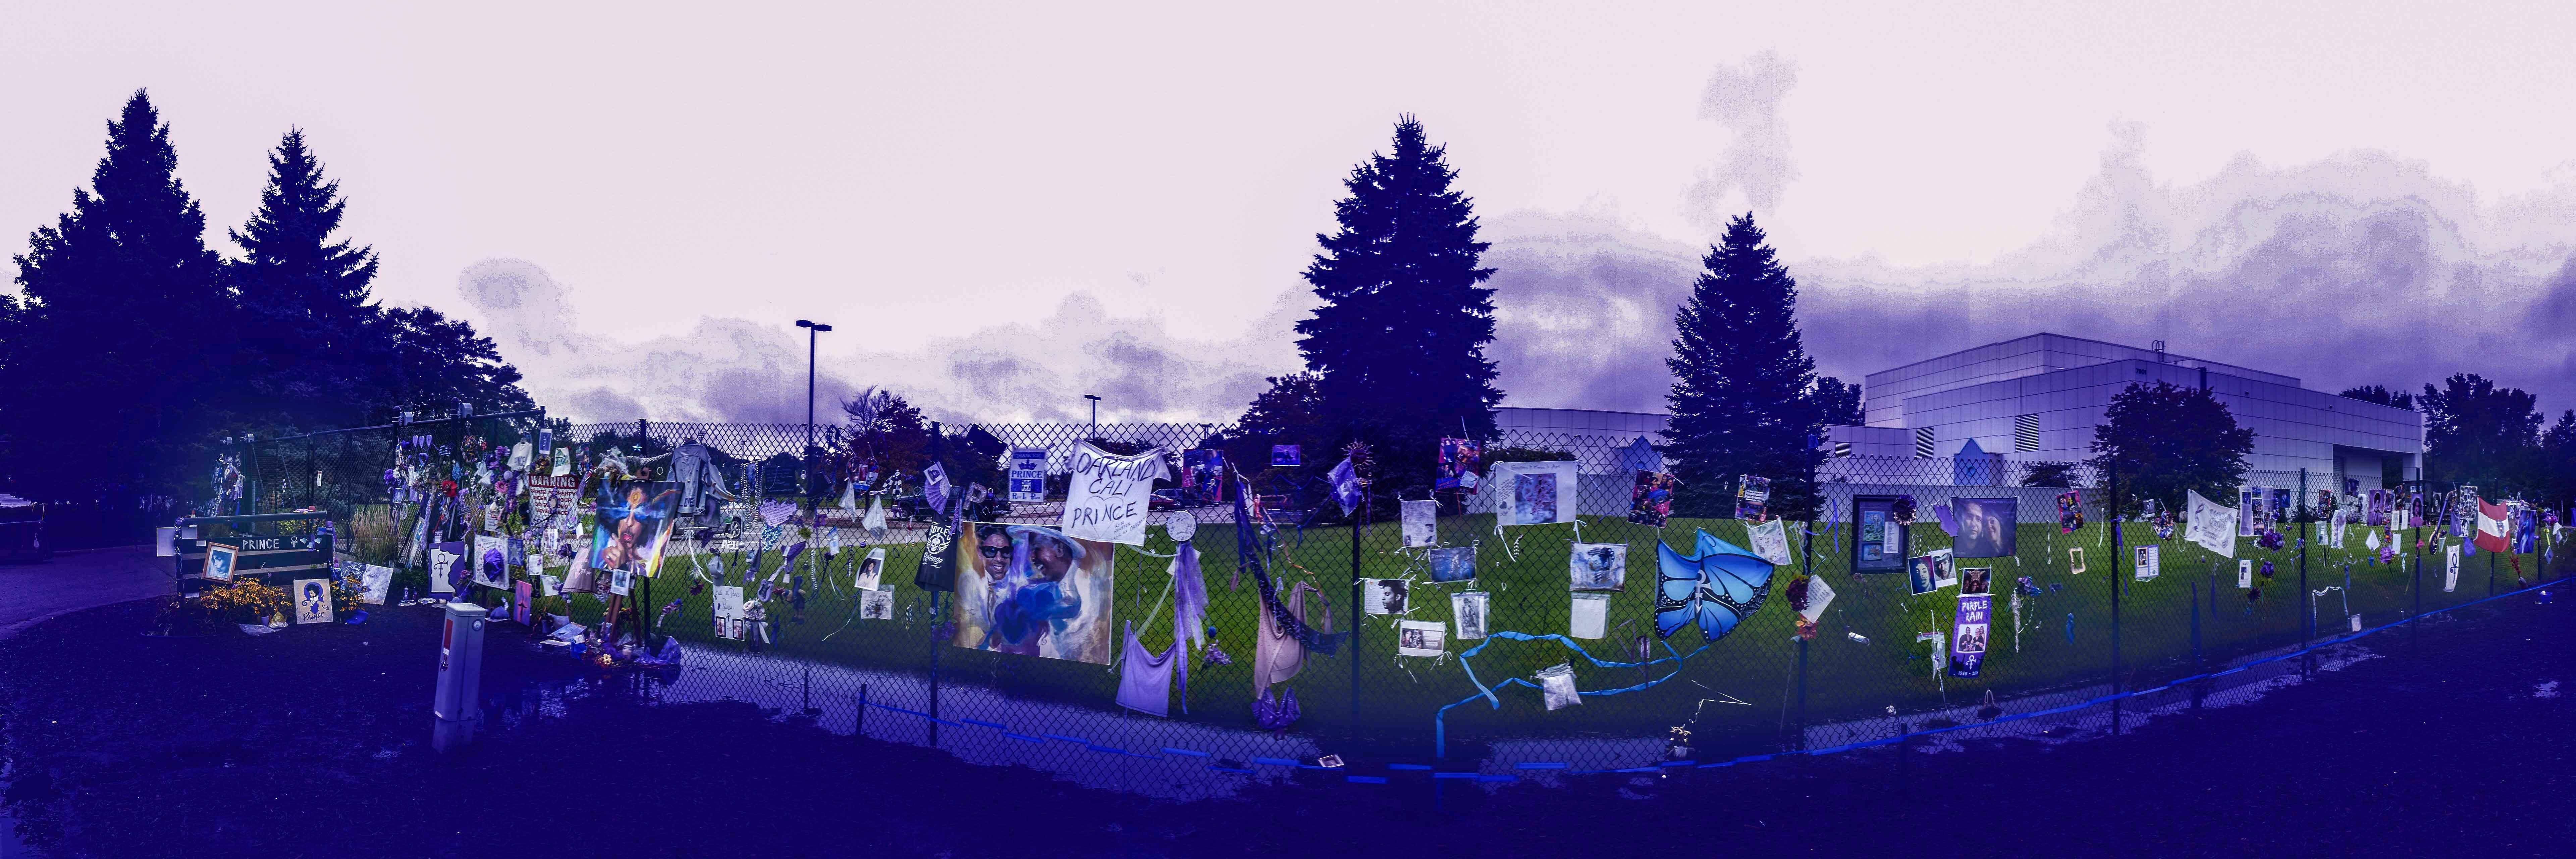 paisley park panorama